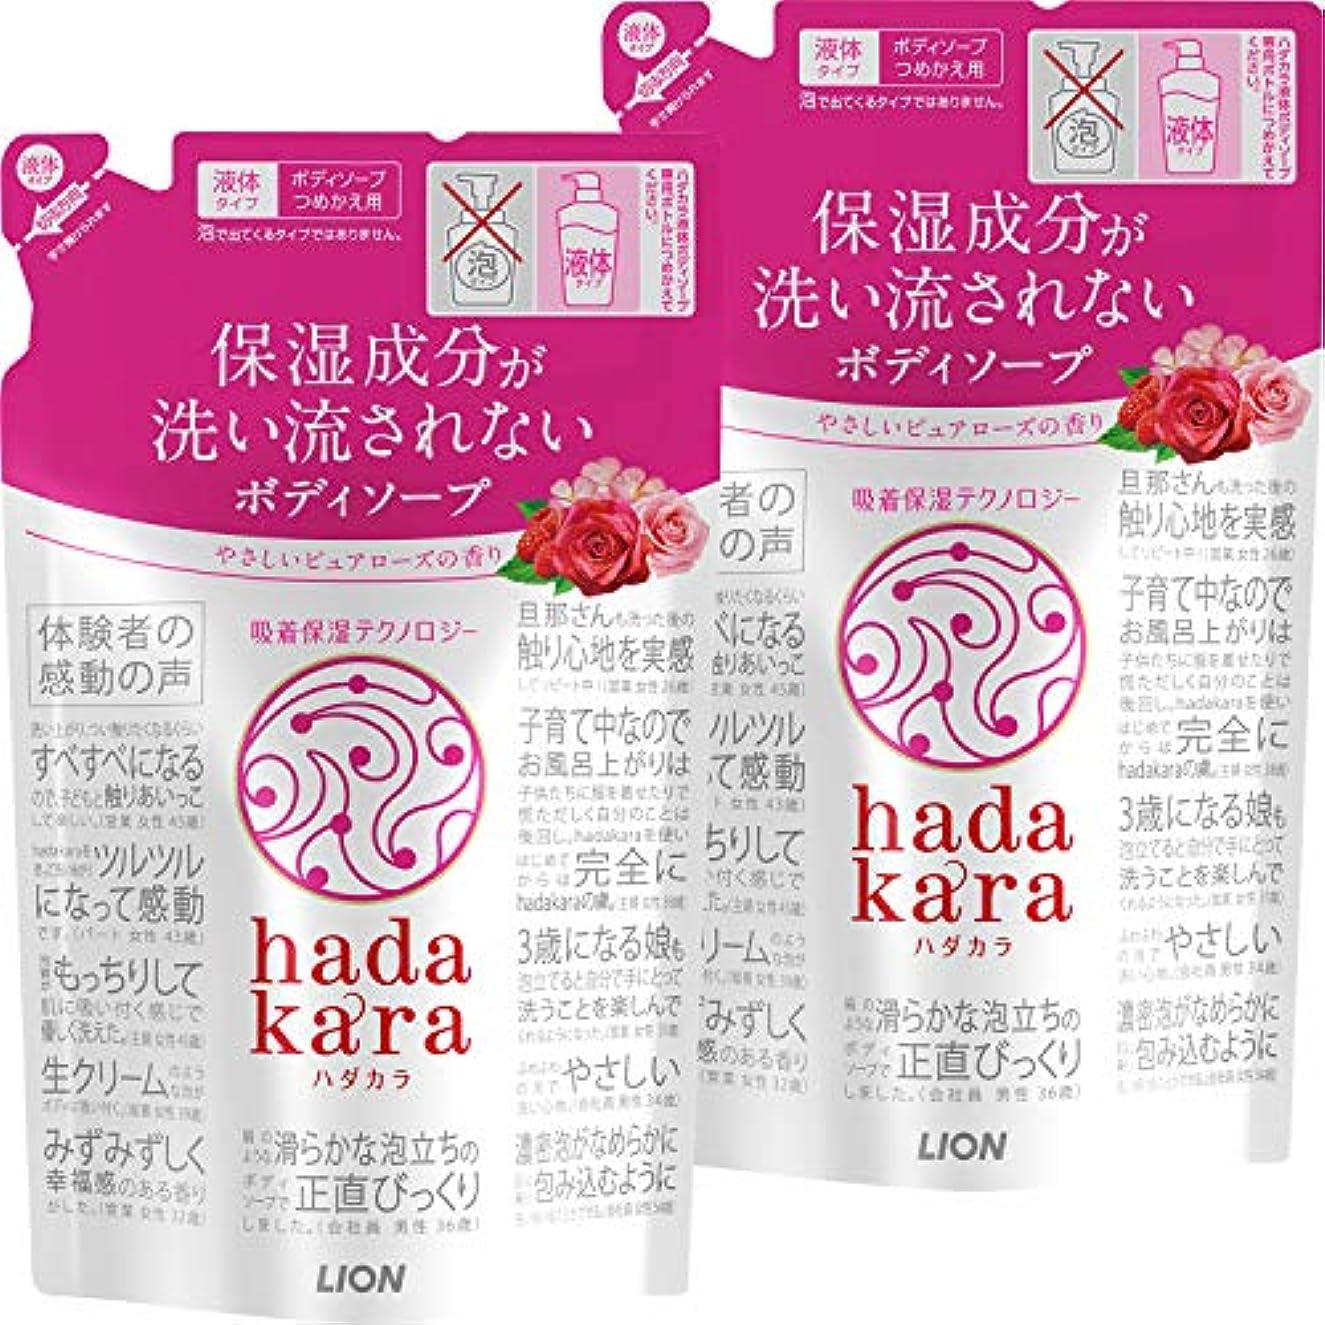 ジャズ脱走専門化する【まとめ買い】hadakara(ハダカラ) ボディソープ ピュアローズの香り 詰め替え 360ml×2個パック